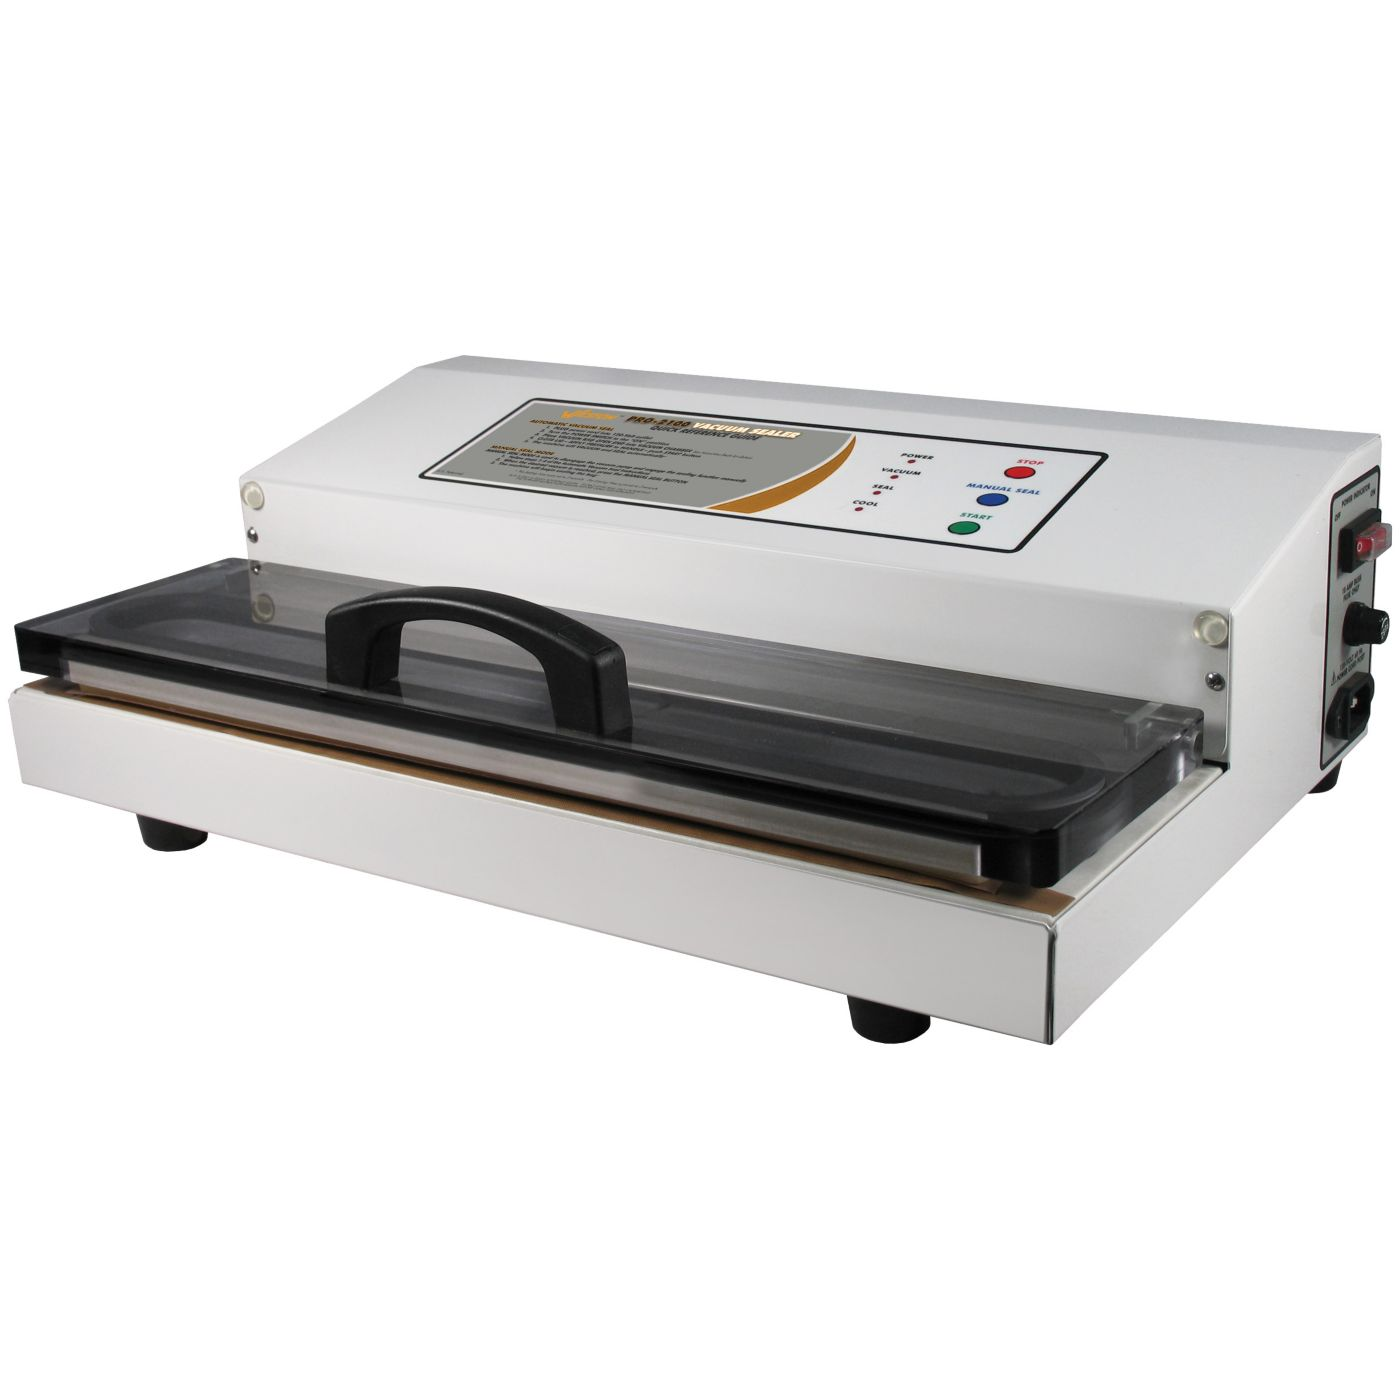 Weston PRO-2100 Vacuum Sealer